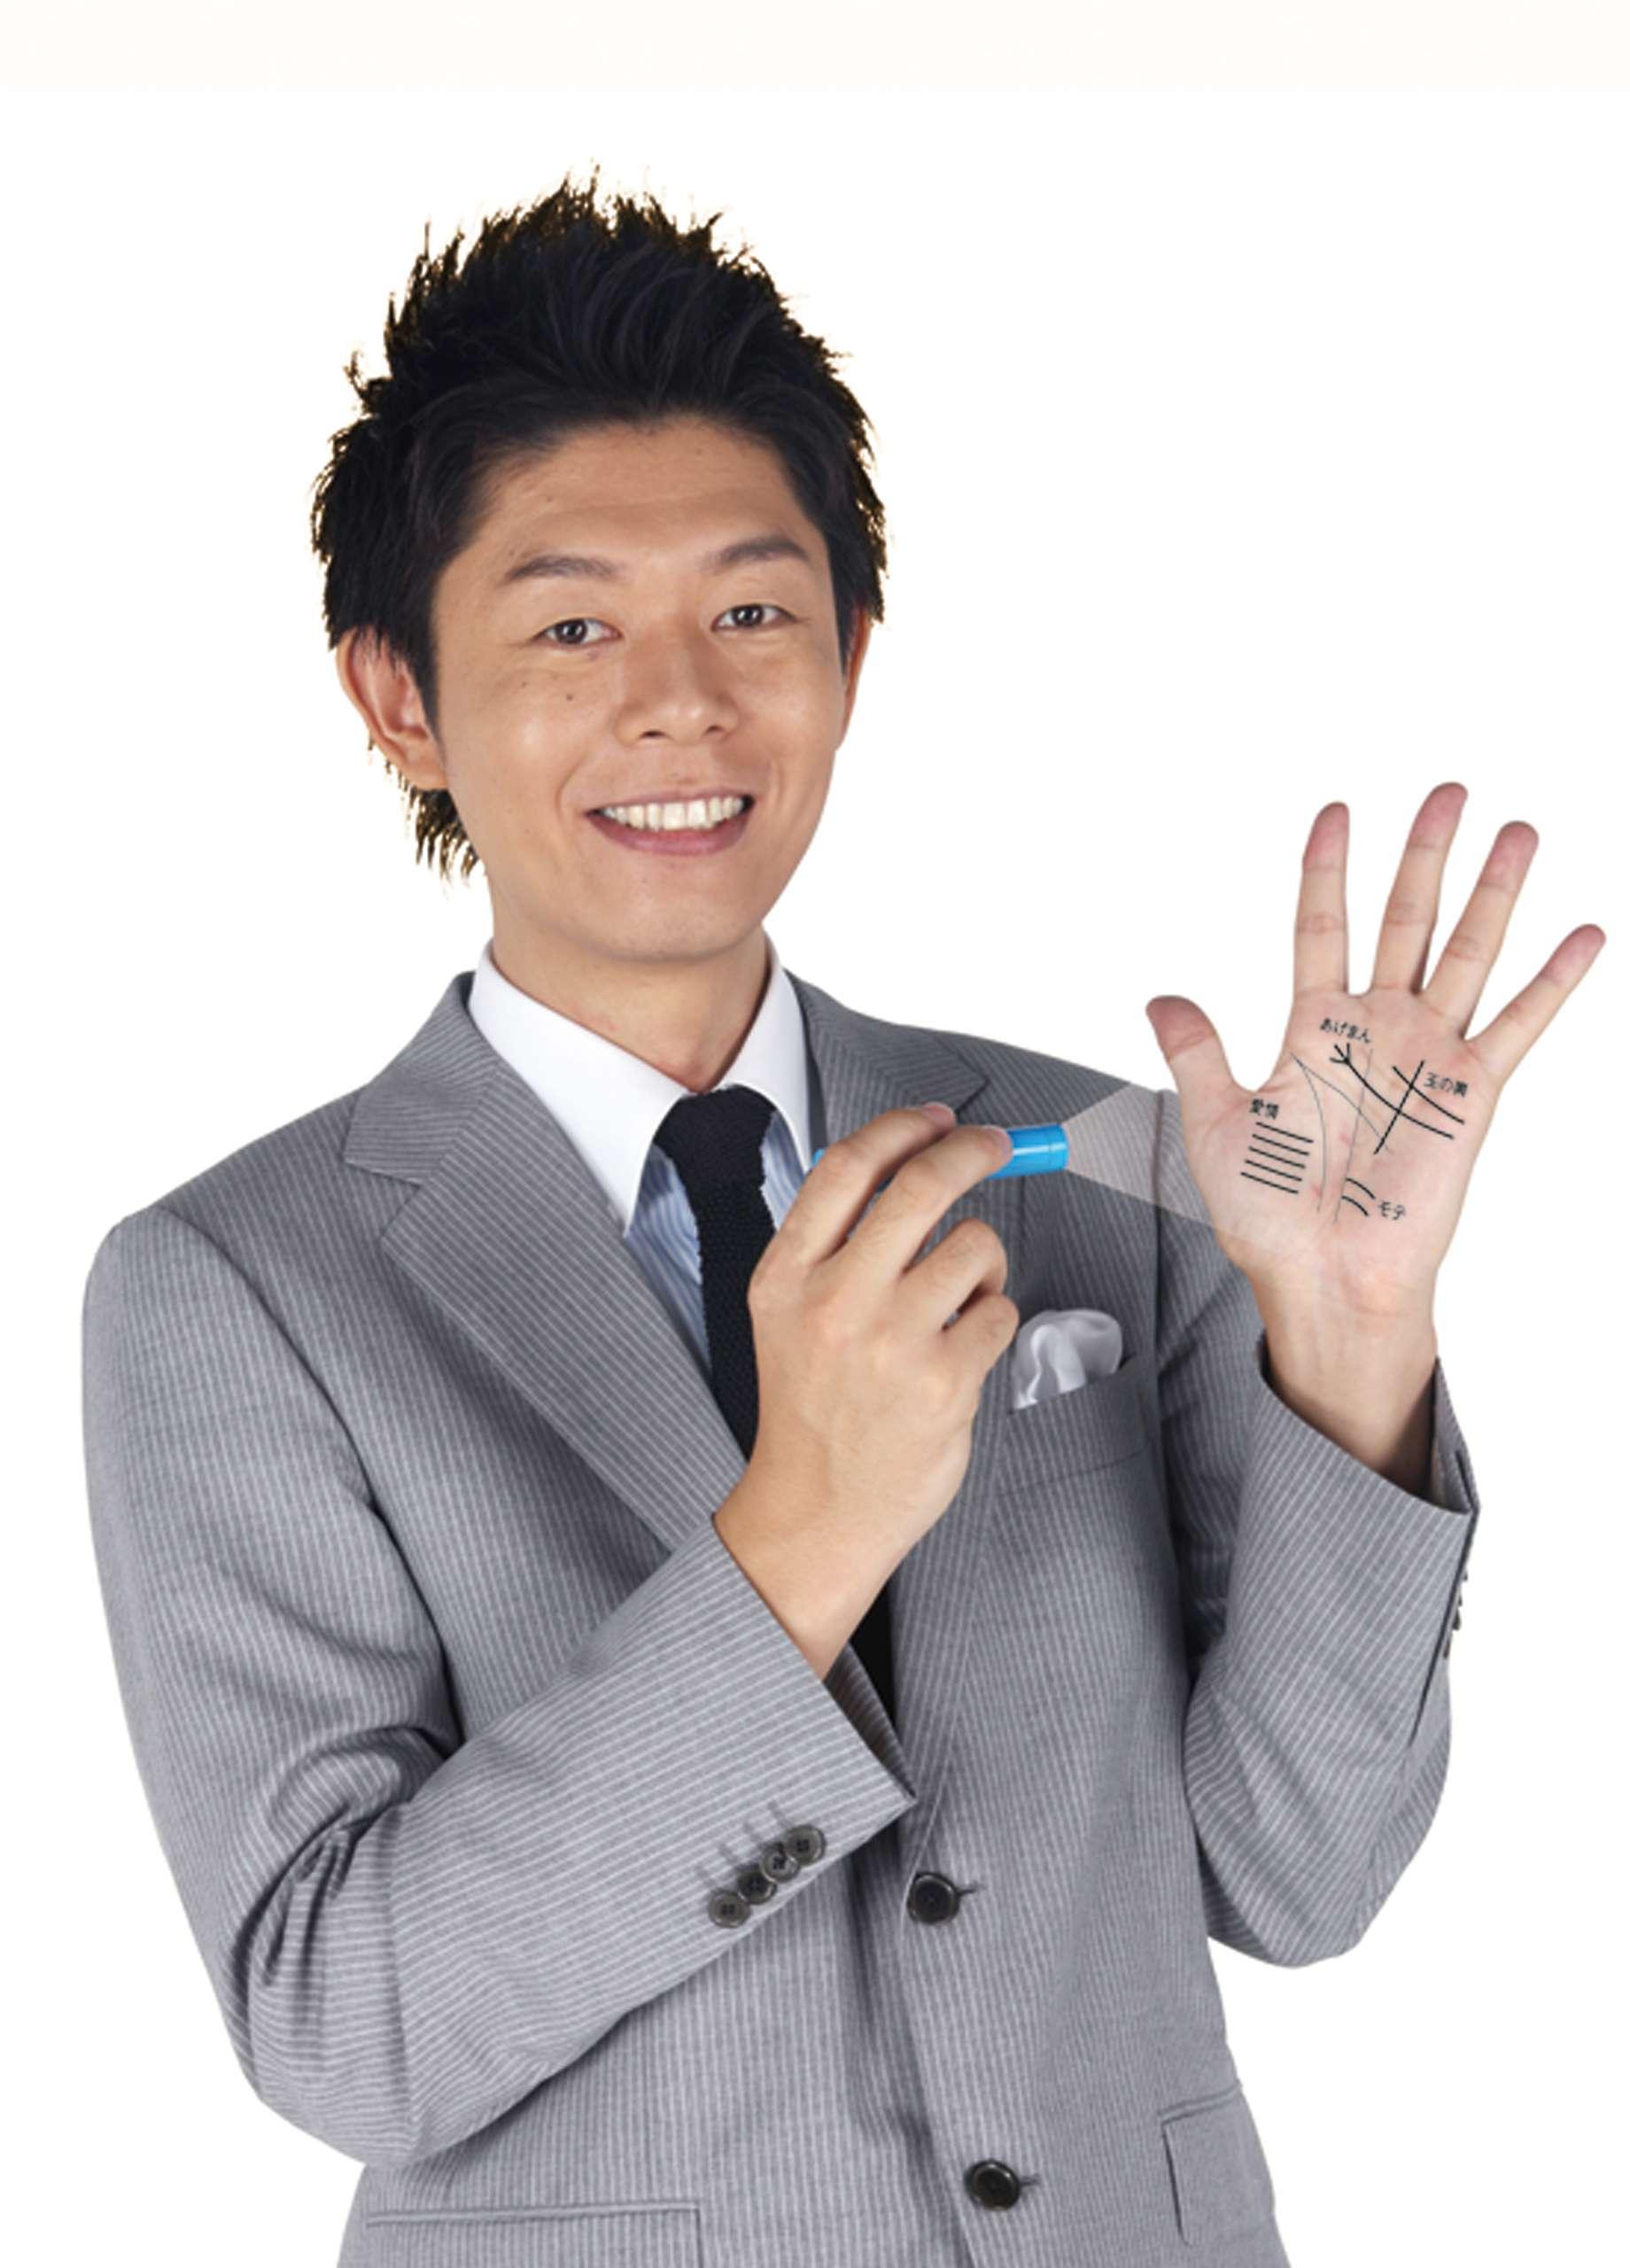 手相芸人の島田秀平、7千万円のマンション購入